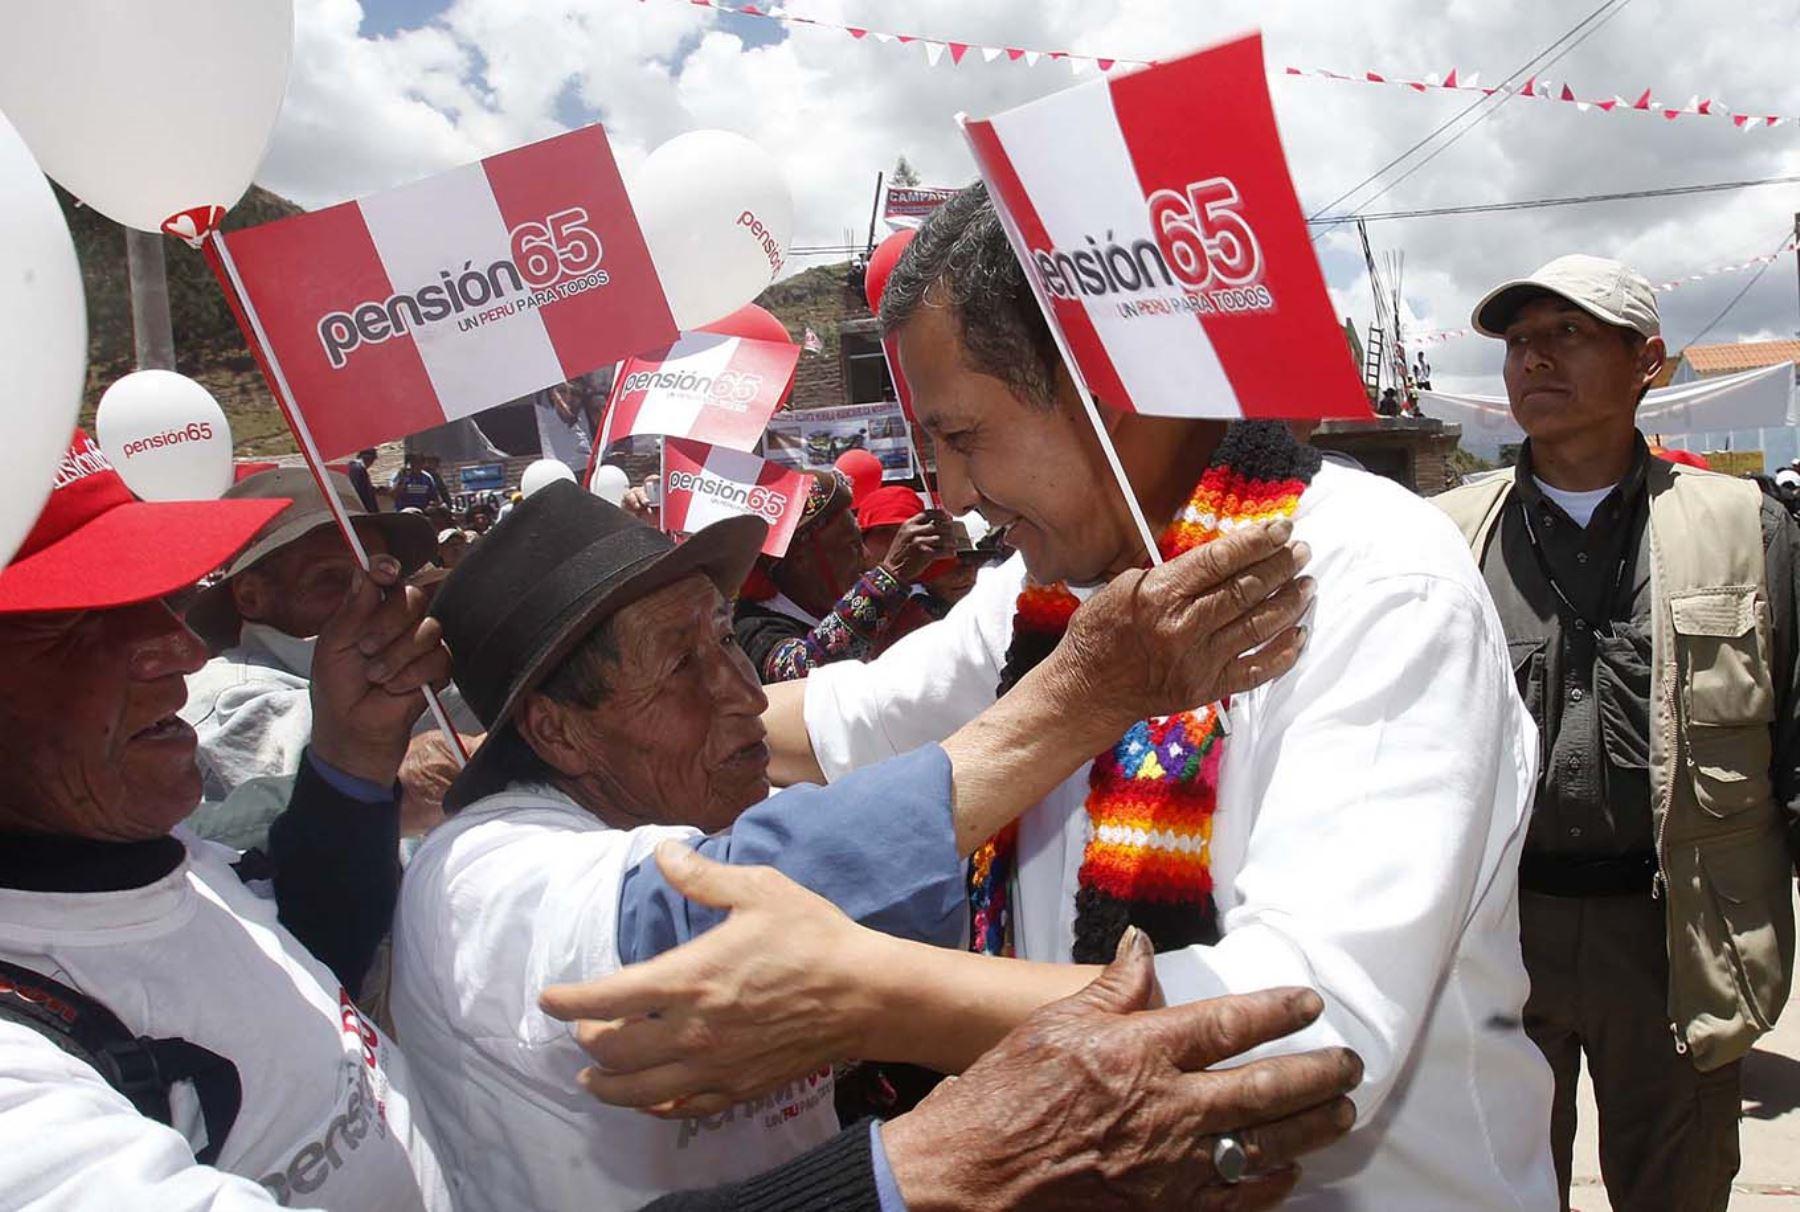 Presidente de la República Ollanta Humala lanza Pensión 65 en el distrito de Yauli Foto: ANDINA/Luis Iparraguirre